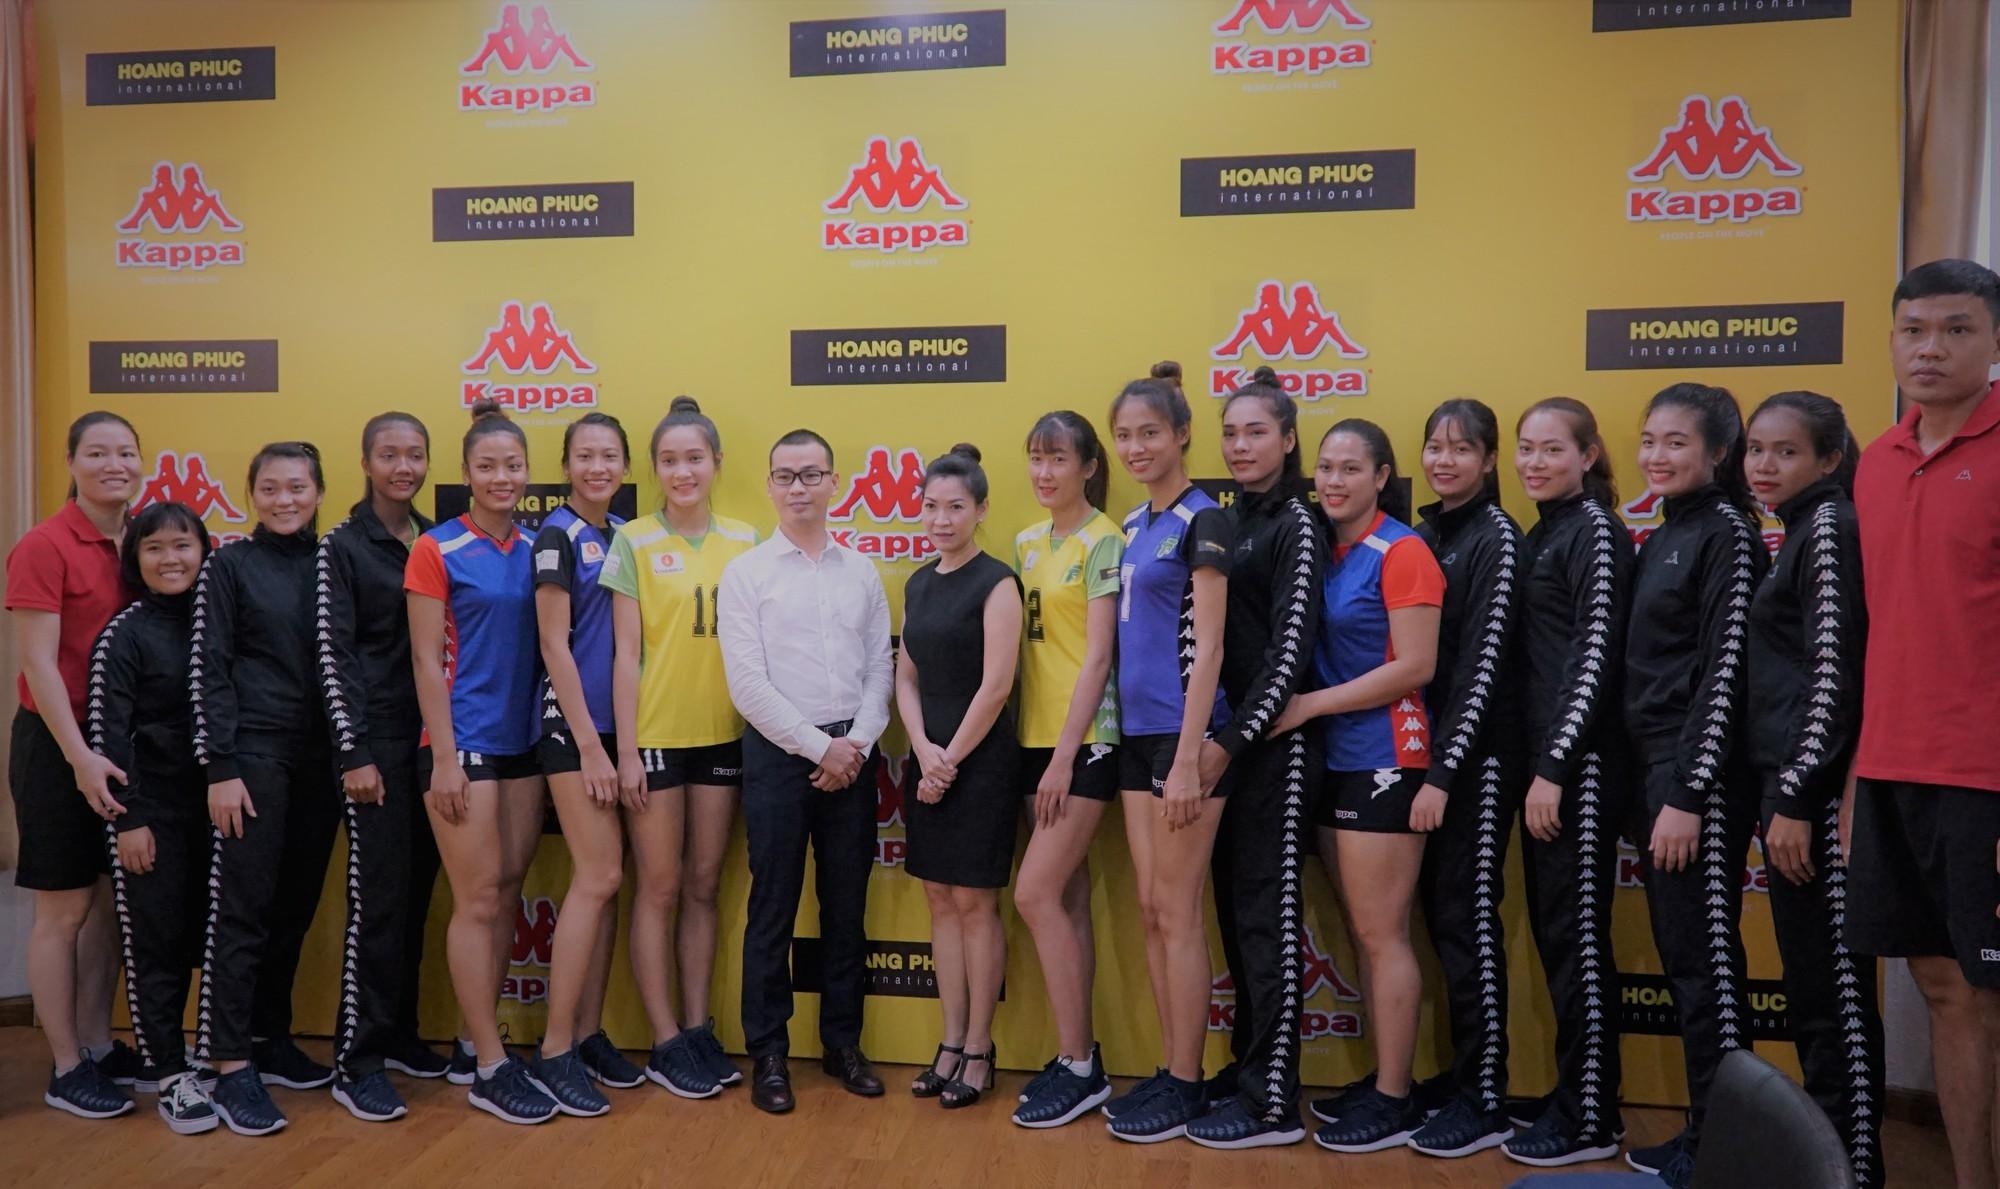 Bóng chuyền nữ TPHCM có nhà tài trợ trang phục mới - Ảnh 1.